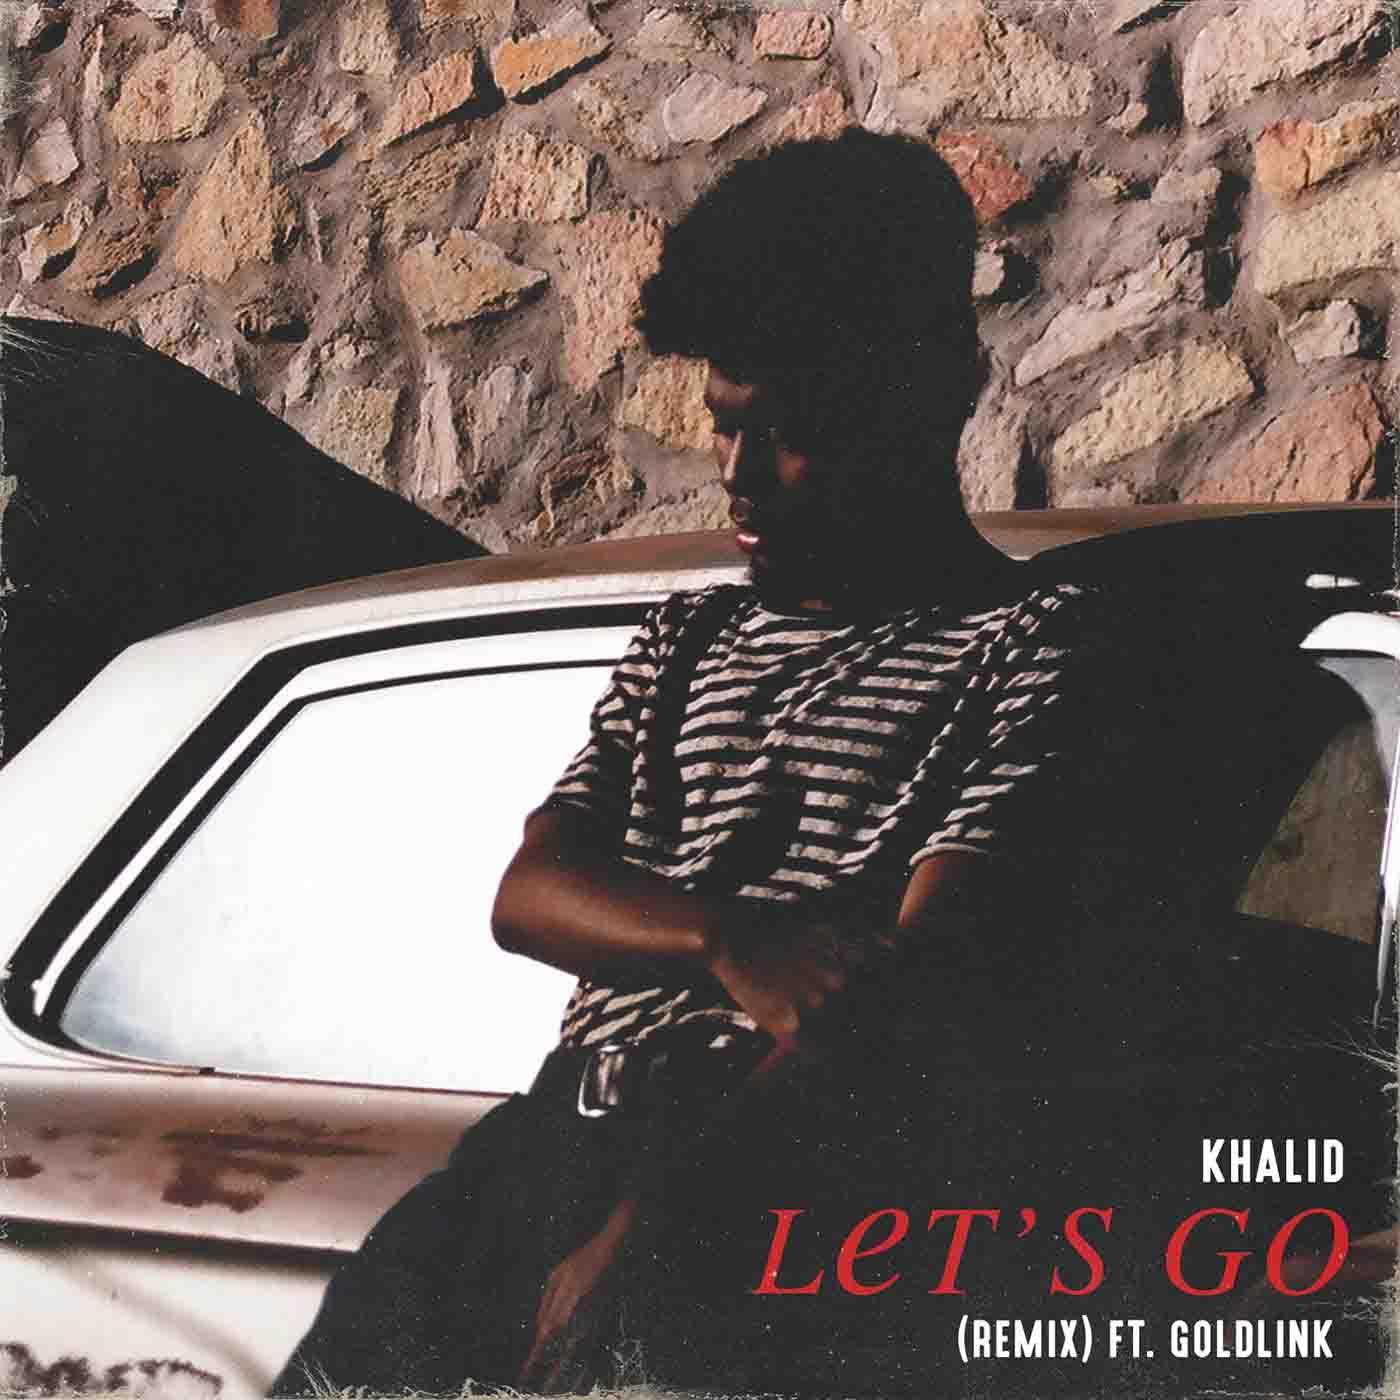 khalid lets go remix goldlink